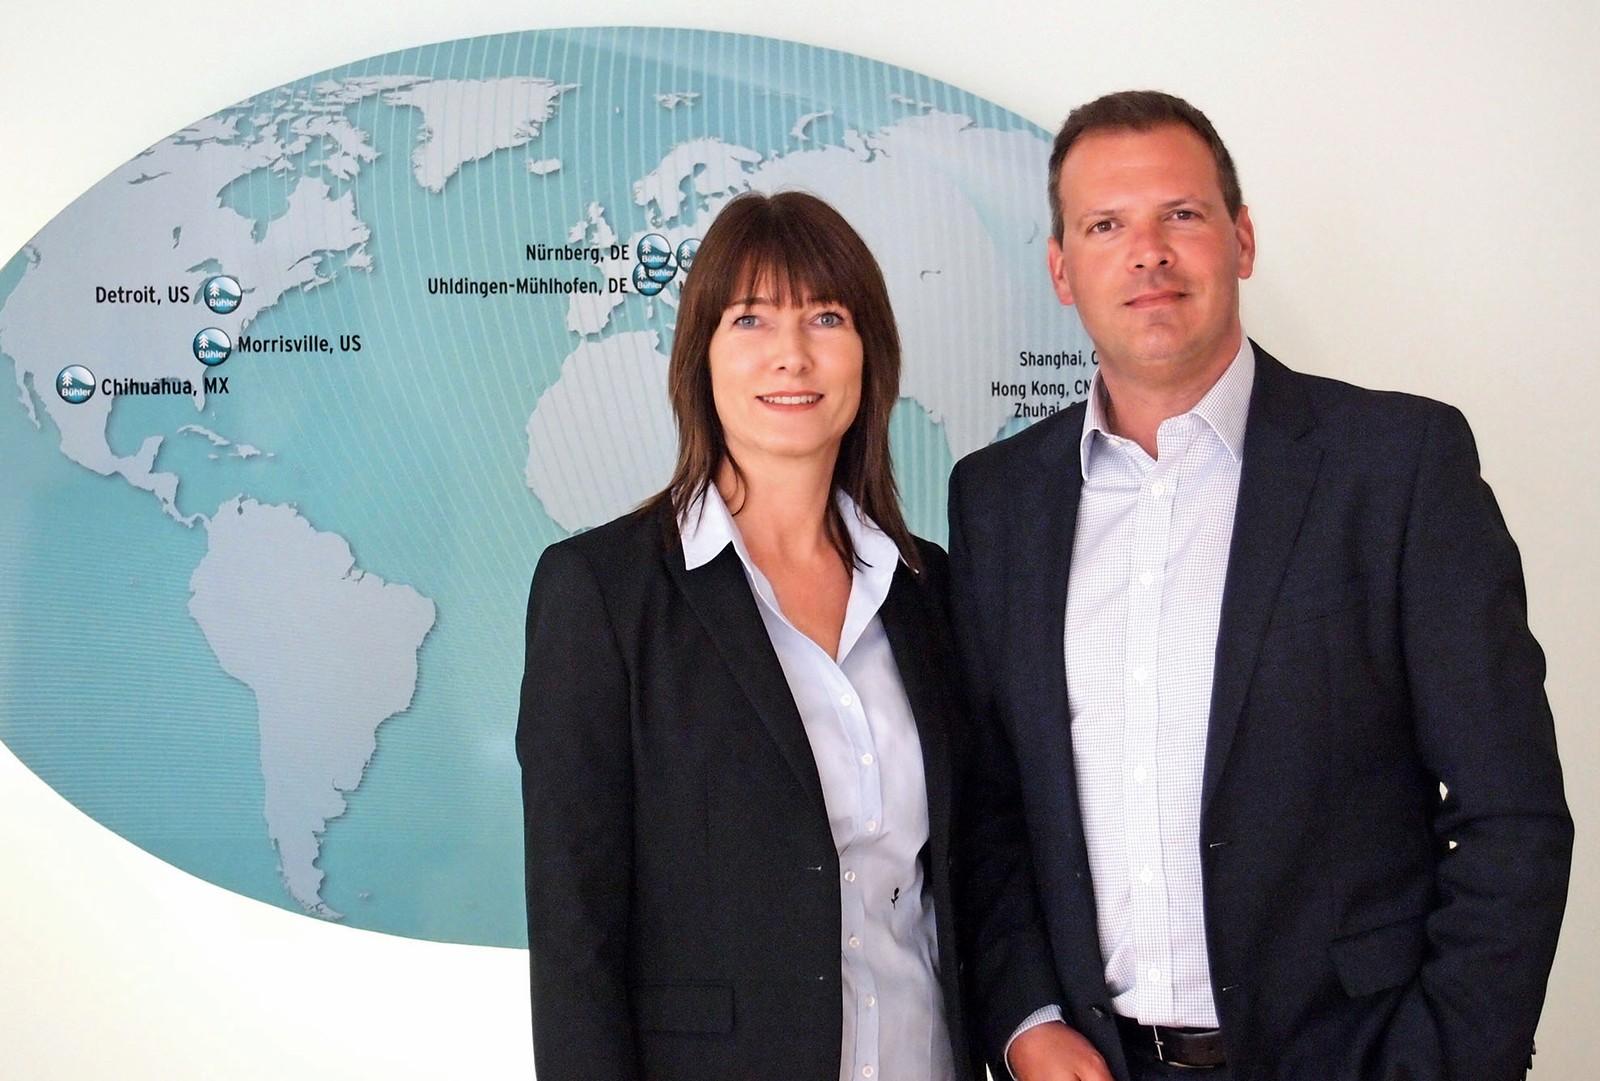 Der neue Führungskreis bei Bühler Motor: Kerstin Jung (Vice President Human Resources) und Michal Eckert (Vice President Operations)